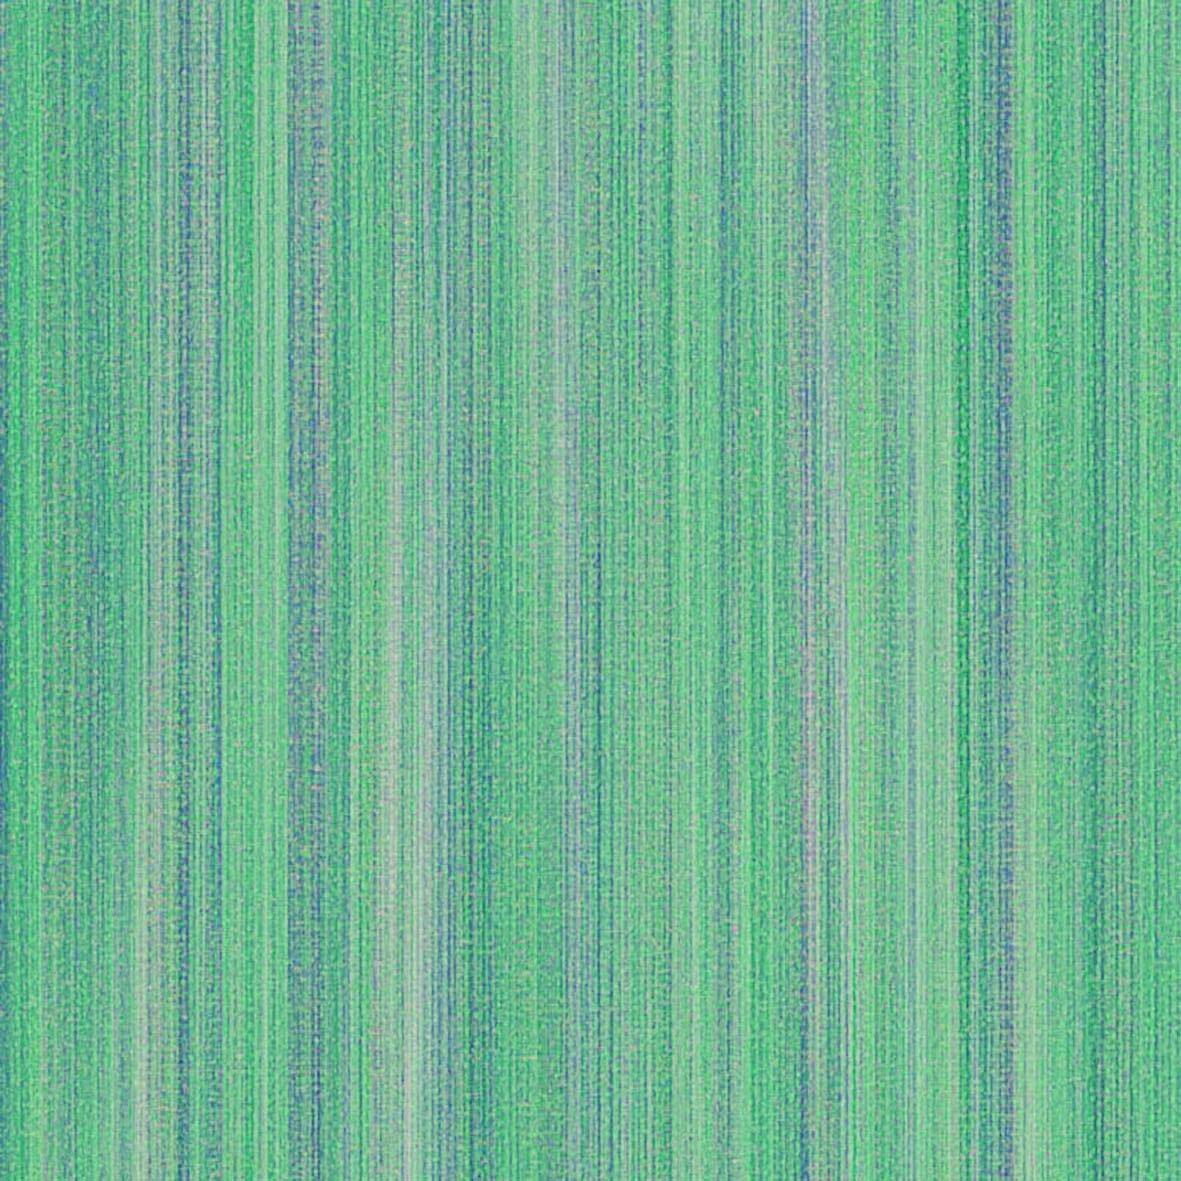 リリカラ 壁紙28m シンフル ストライプ ブルー LL-8605 B01N020ZFD 28m|ブルー